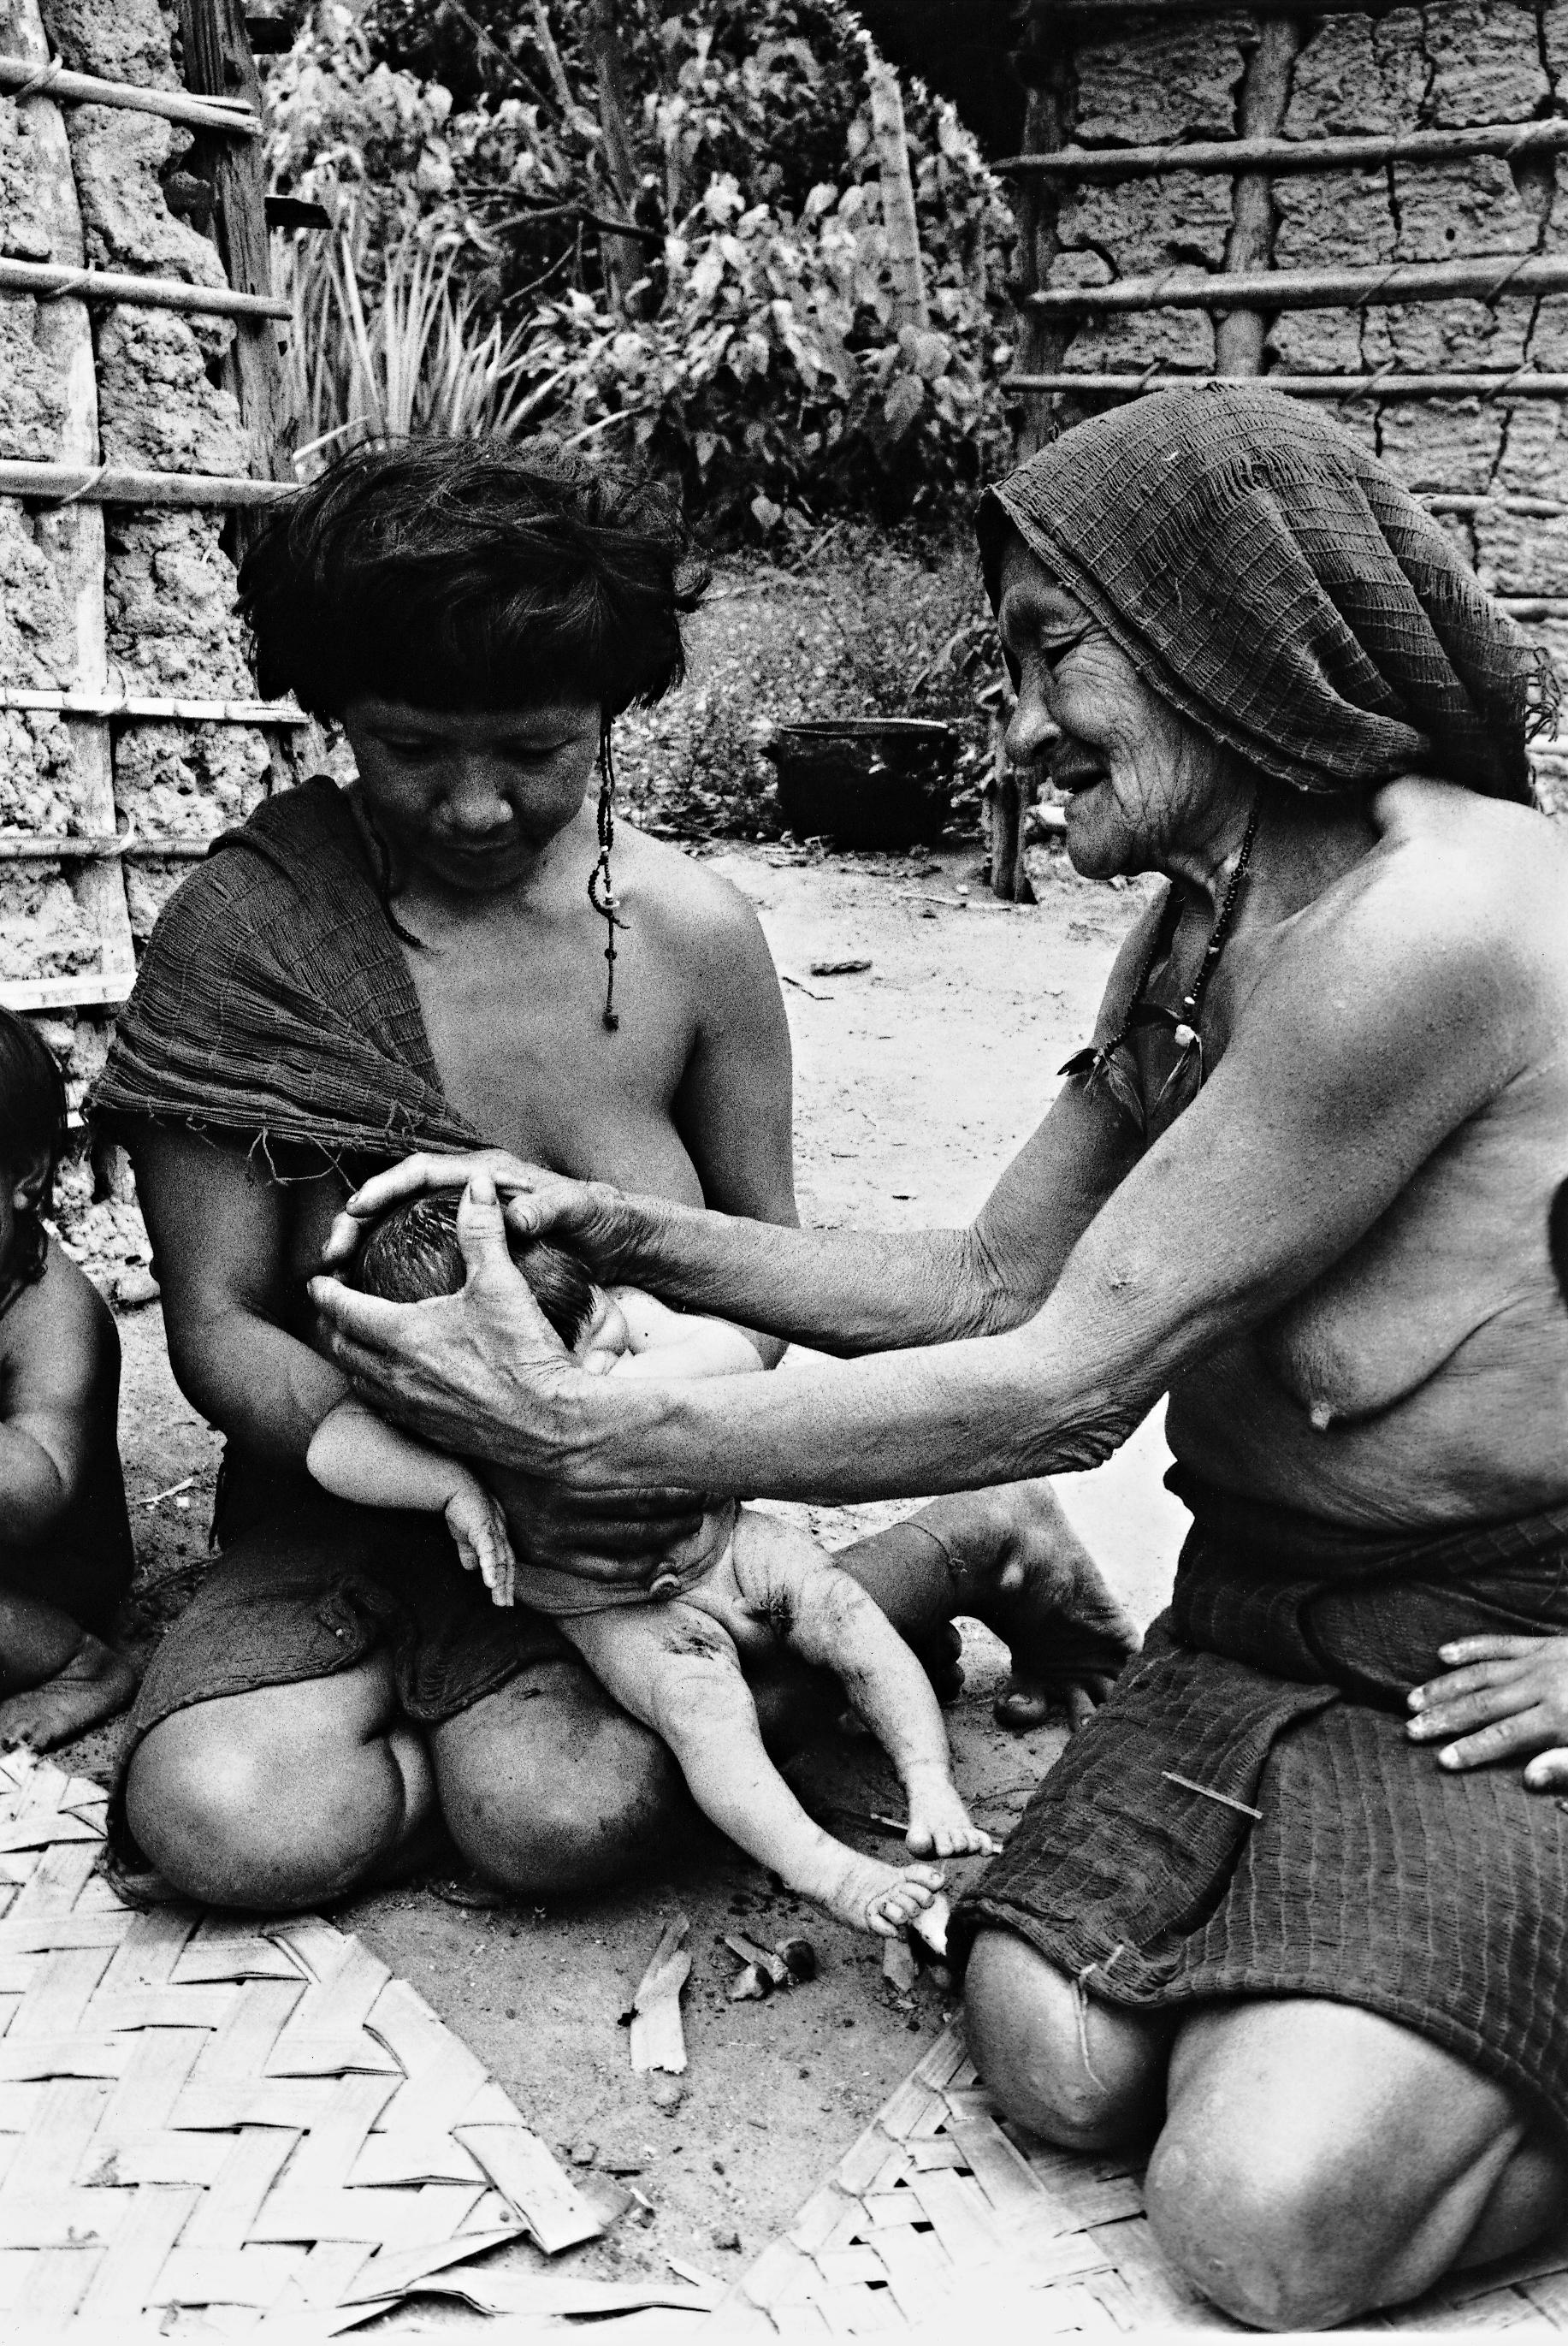 Pãyärahi modelando o neto recém-nascido, filho de Homihi. Foto: Eduardo Viveiros de Castro, 1982.